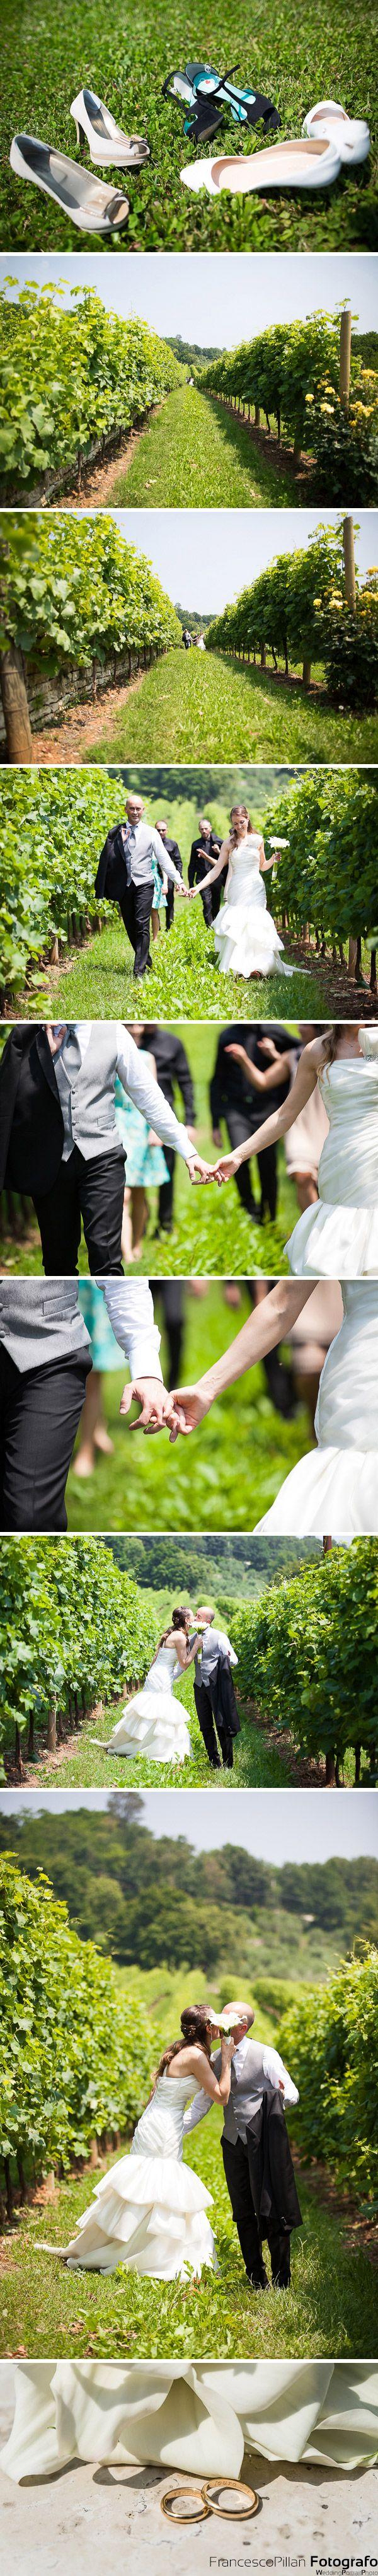 sposi matrimonio villa luisa francesca biadene